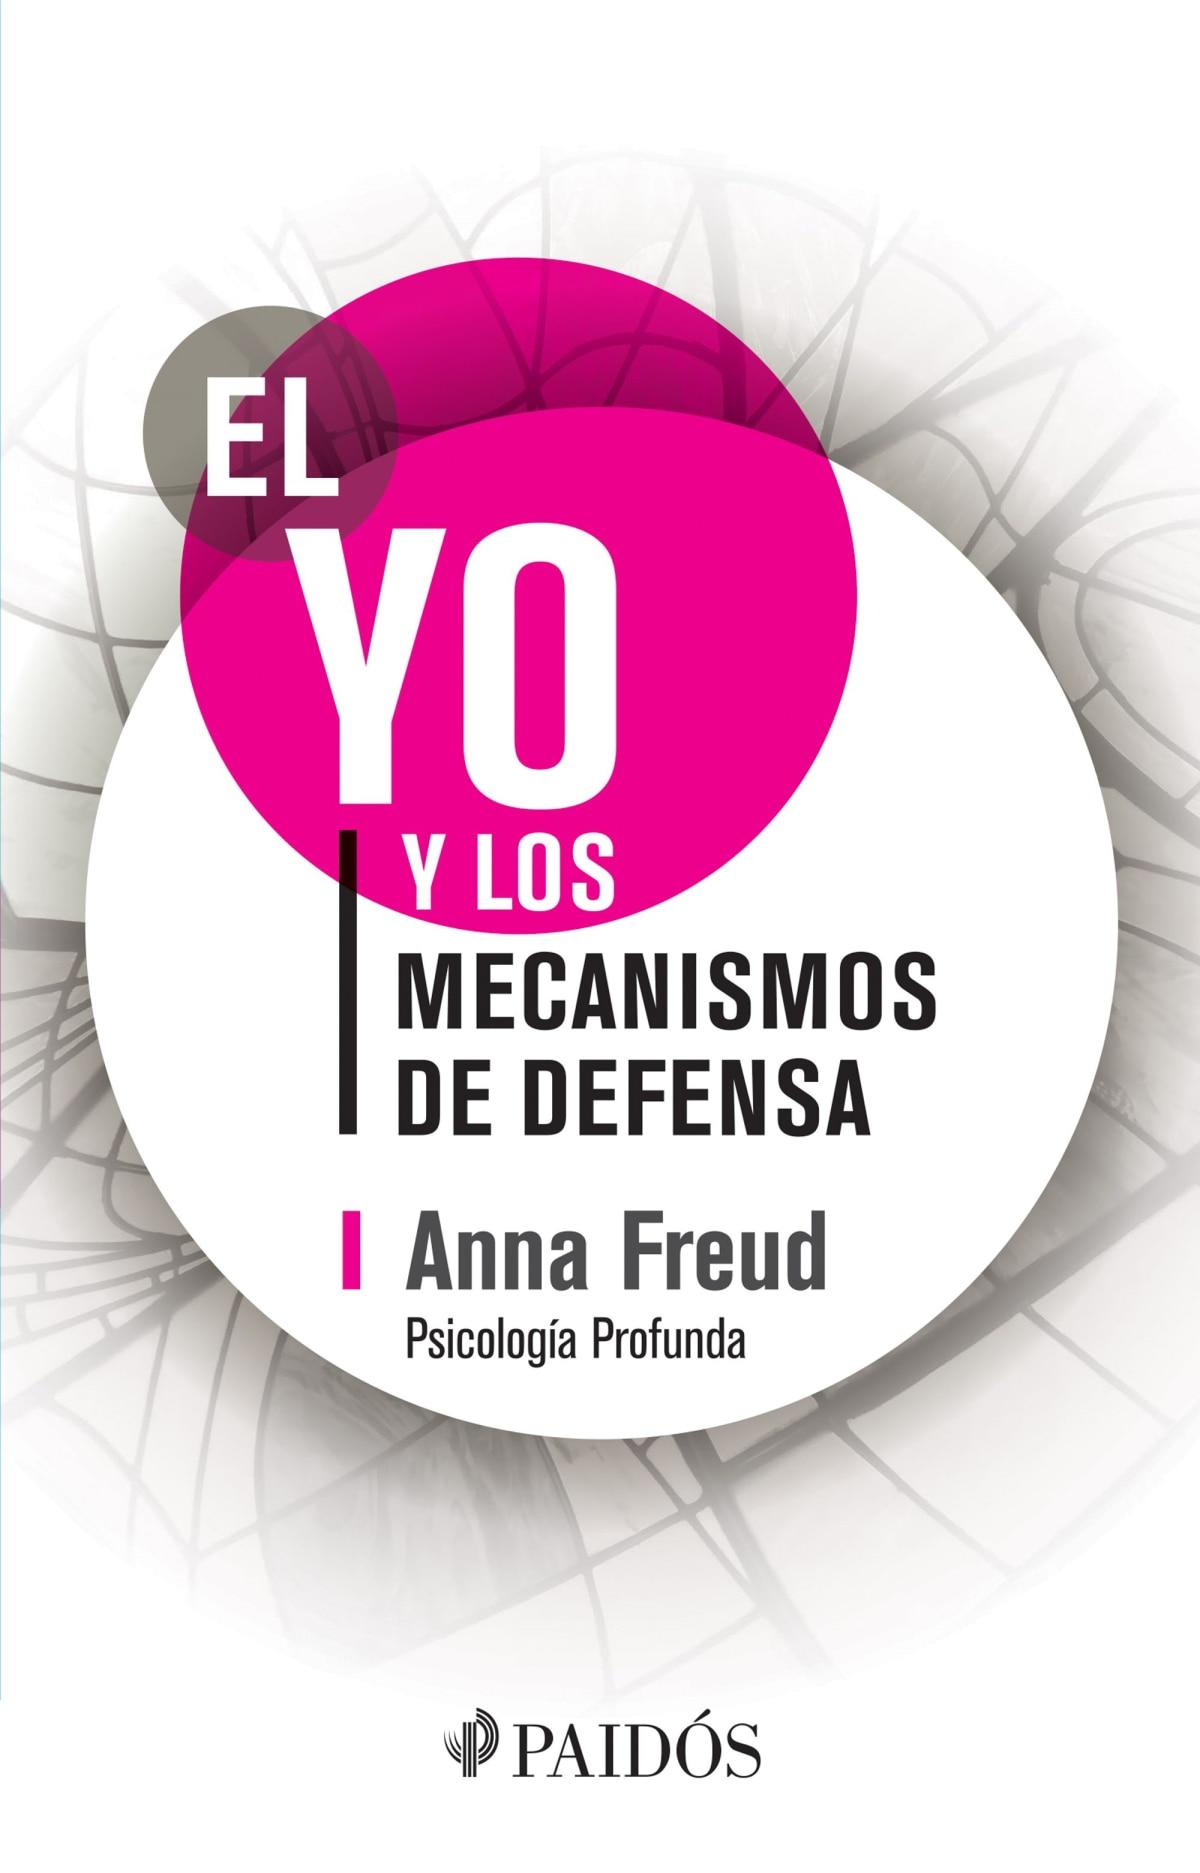 El yo y los mecanismos de defensa. Ana Freud. (Libro)